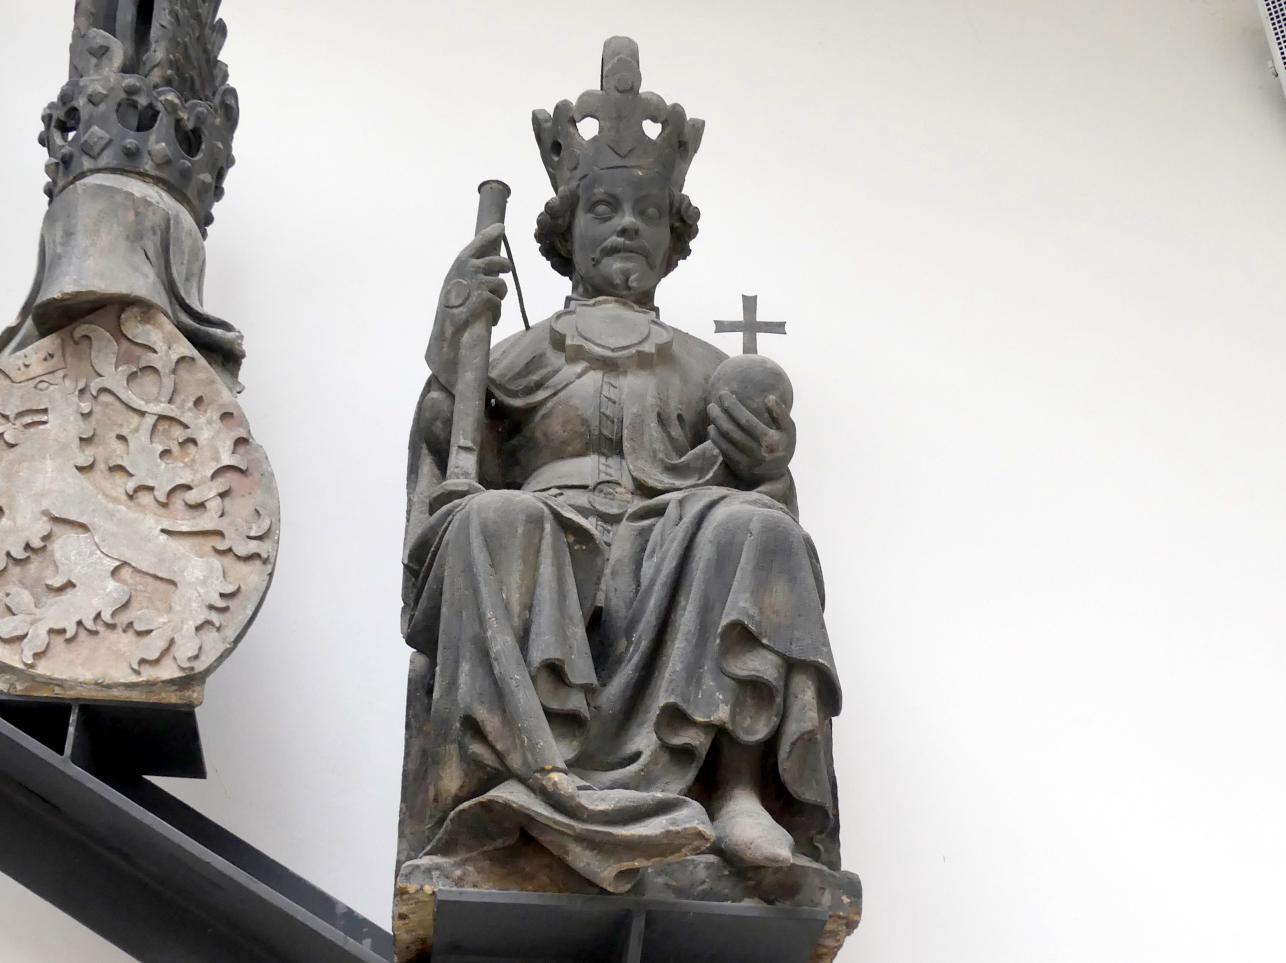 Peter Parler: Wenzel von Luxemburg (1361-1419), als Wenzel IV. 1363-1419 König von Böhmen, Um 1380